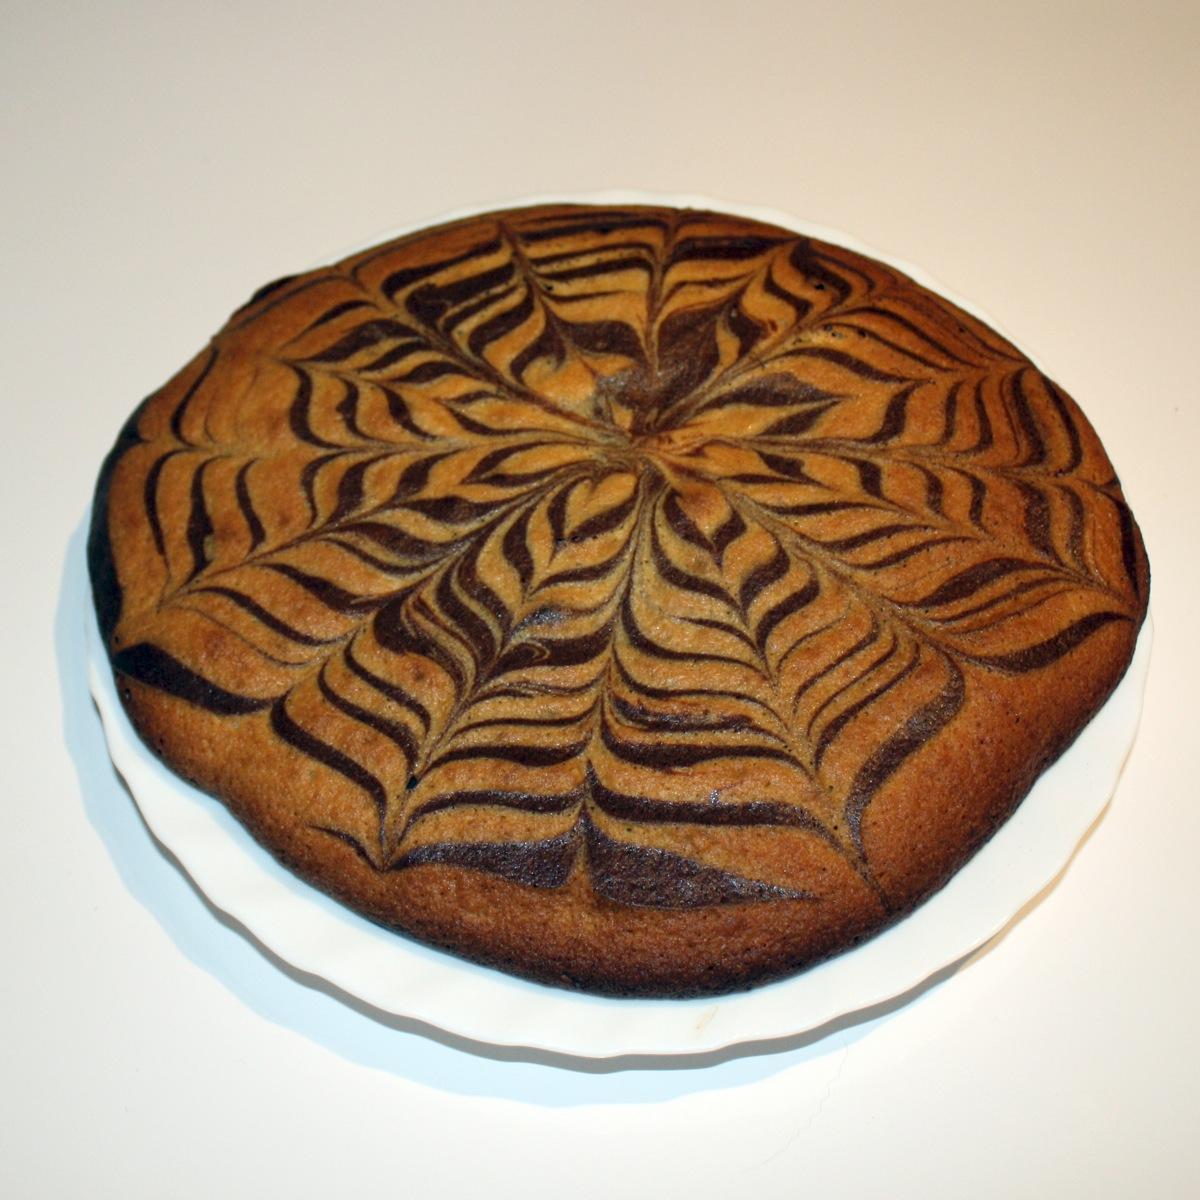 Recette de Zebra Cake aux 2 chocolats façon millefeuille